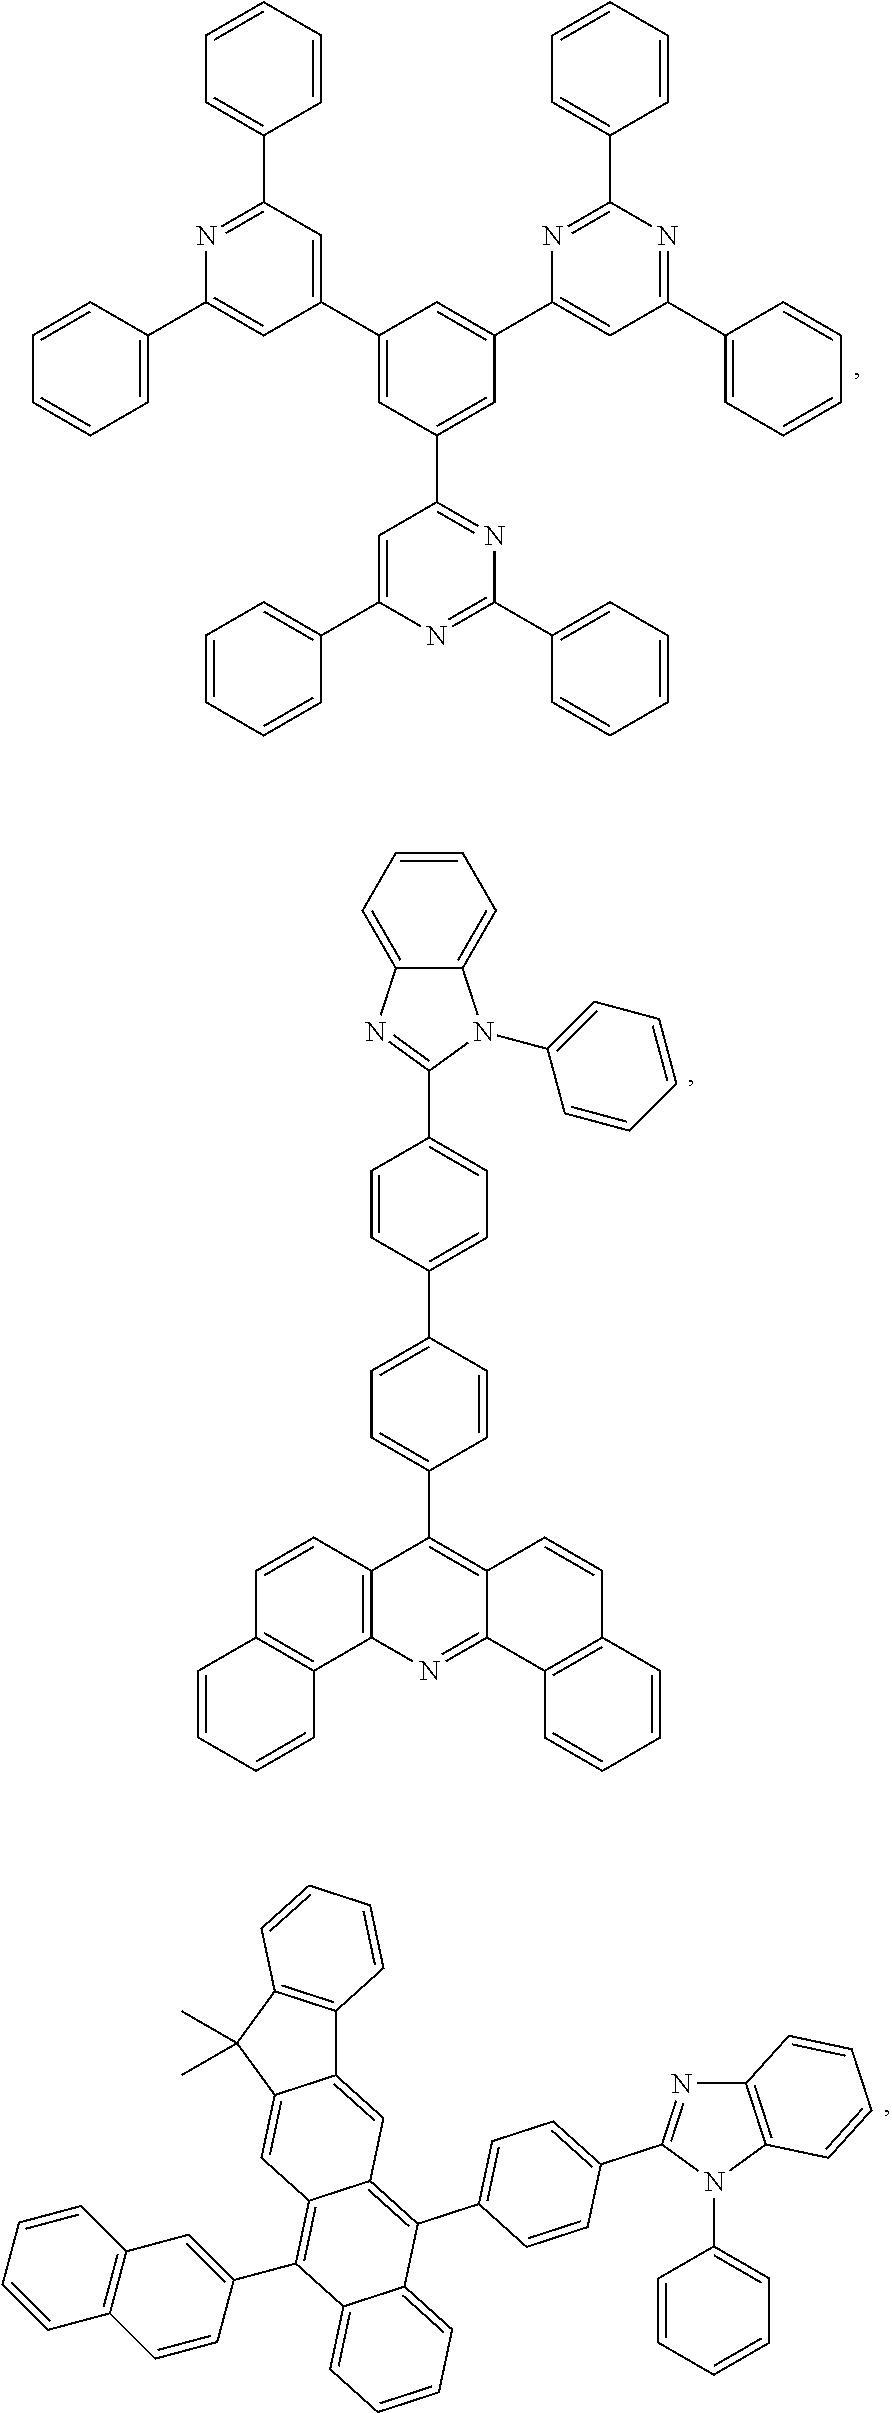 Figure US20180076393A1-20180315-C00127